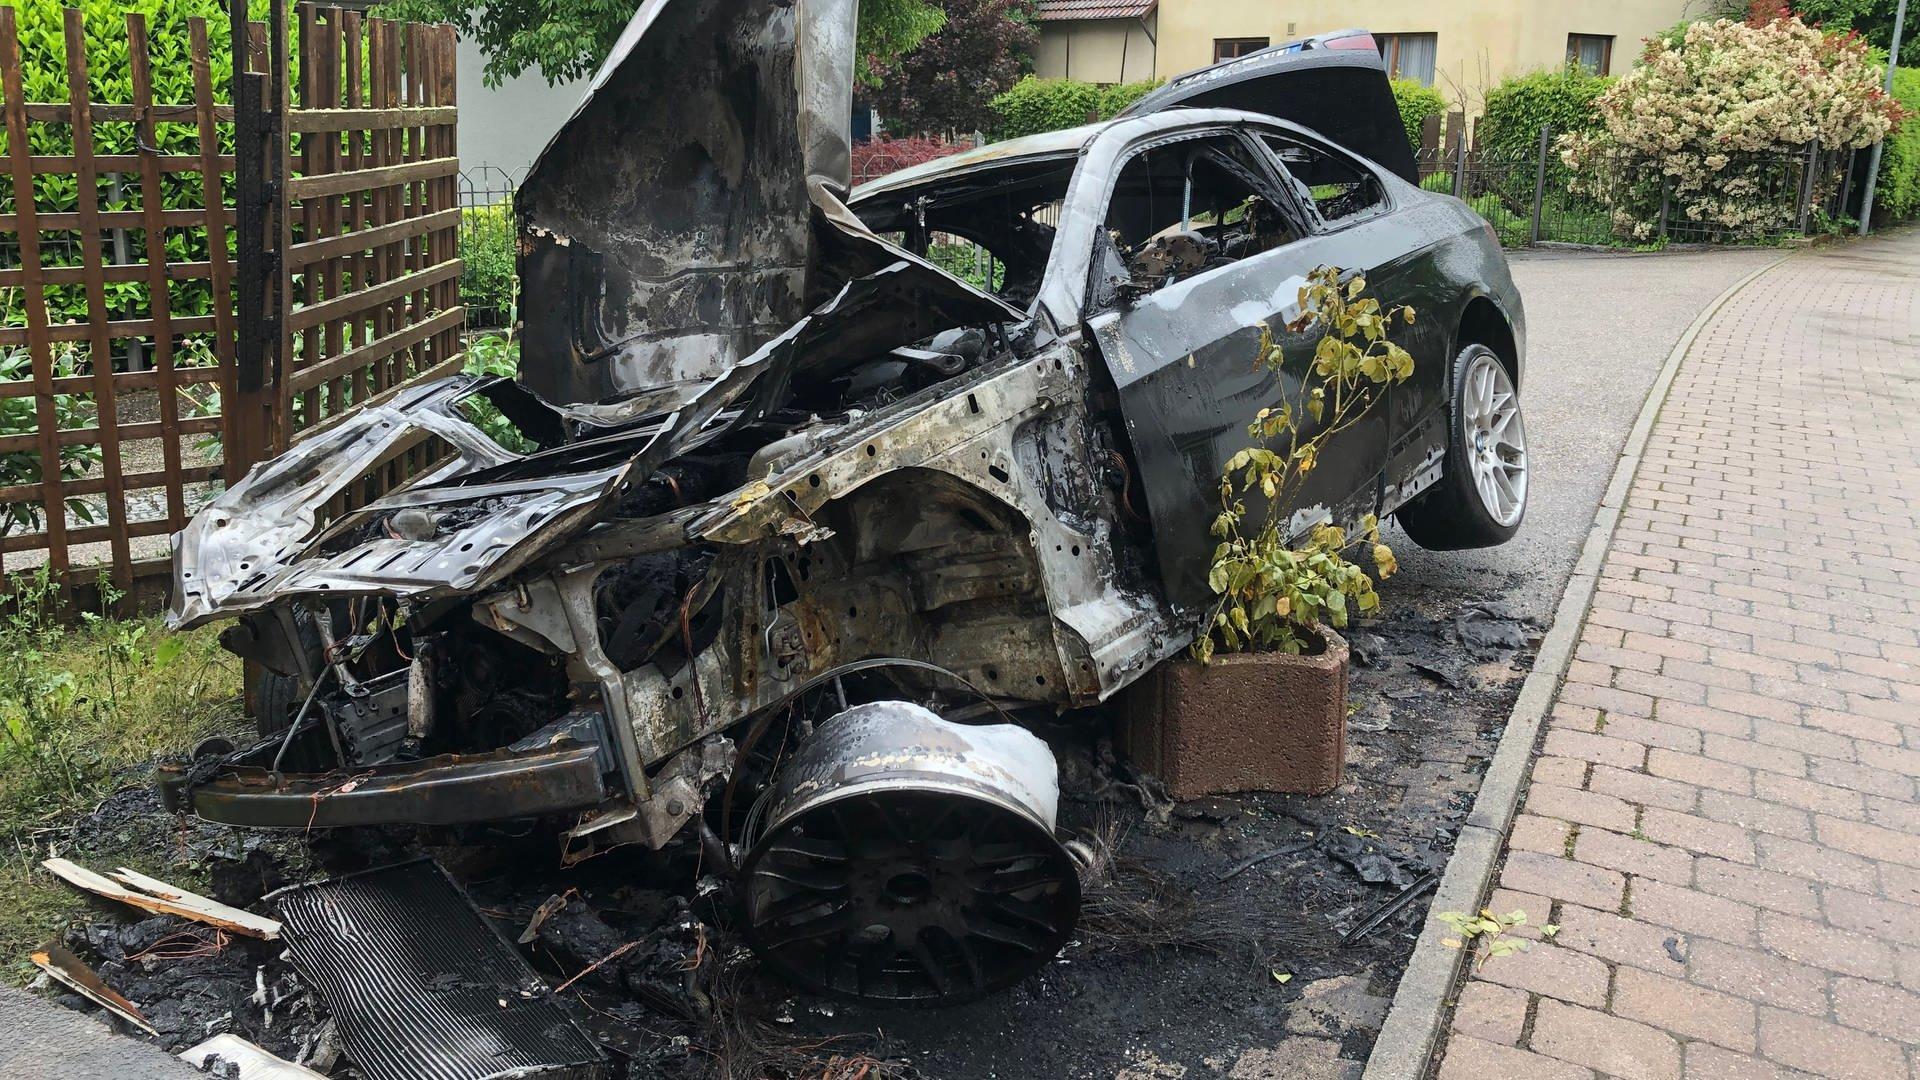 Ein Auto steht völlig ausgebrannt am Straßenrand: die Polizei vermutet nach einer Brandserie in Kirchardt Brandstiftung